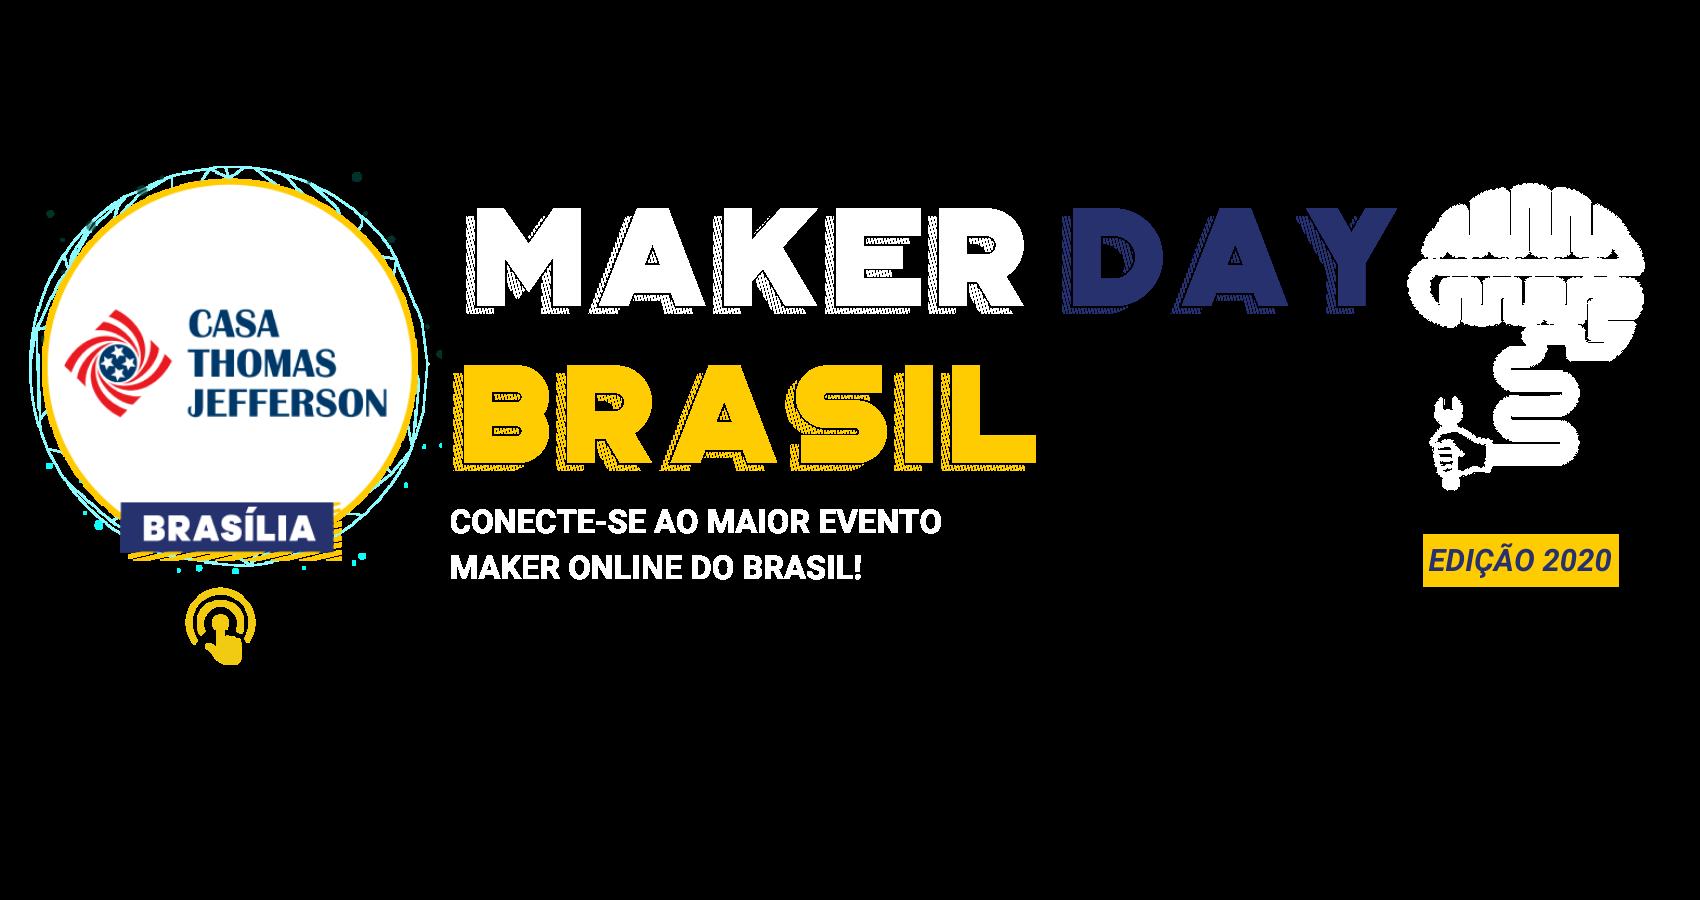 Maker Day Brasil Capa Brasilia